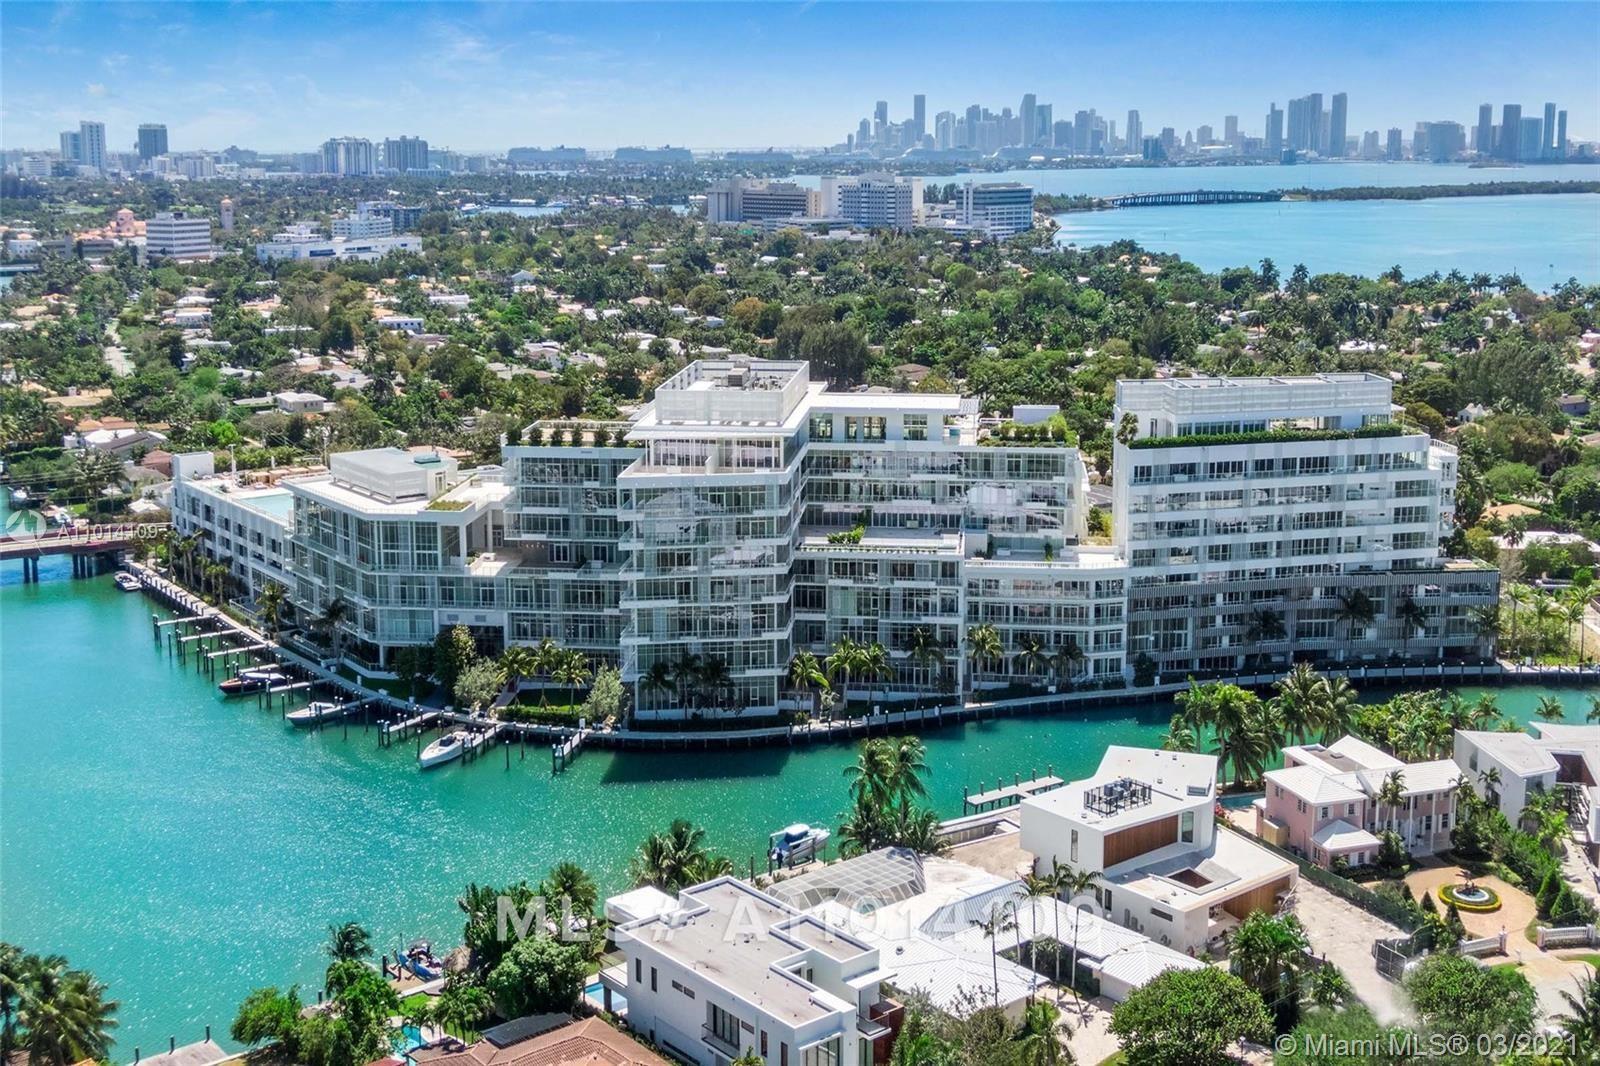 4701 N Meridian Ave #Loft 218, Miami Beach, FL 33140 - #: A11014109